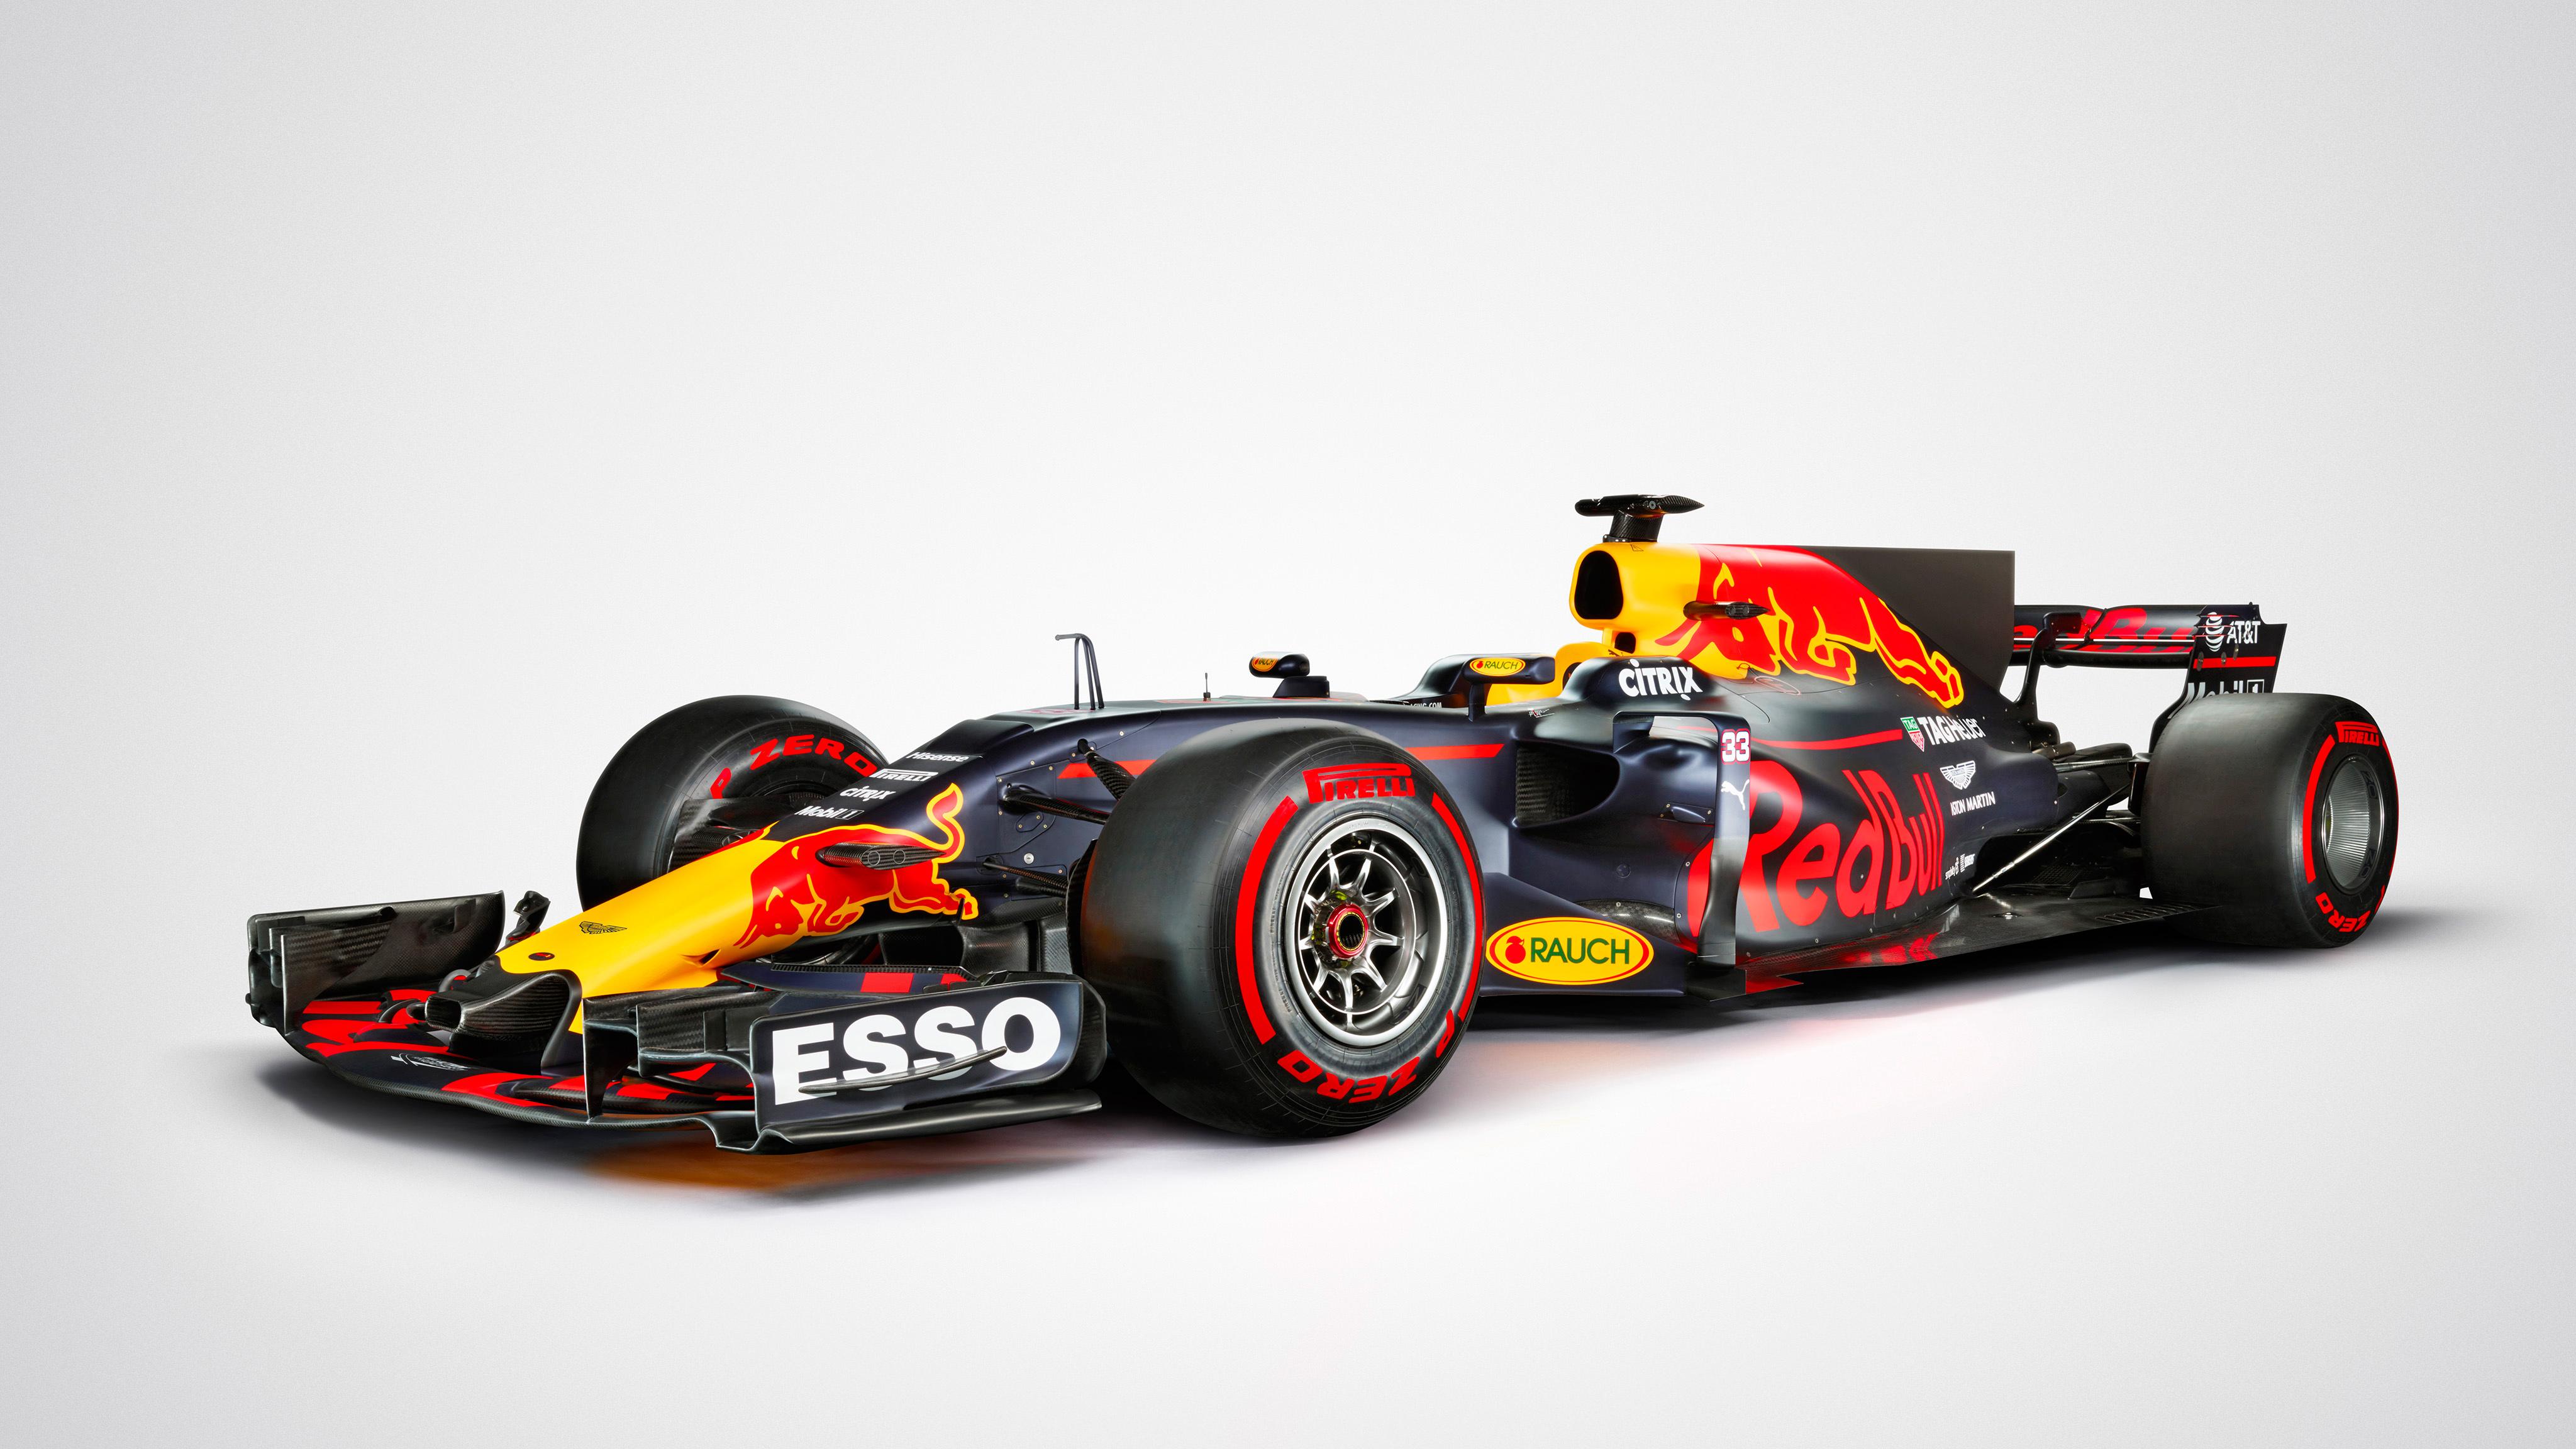 2017 red bull rb13 formula 1 car 4k wallpaper   hd car wallpapers